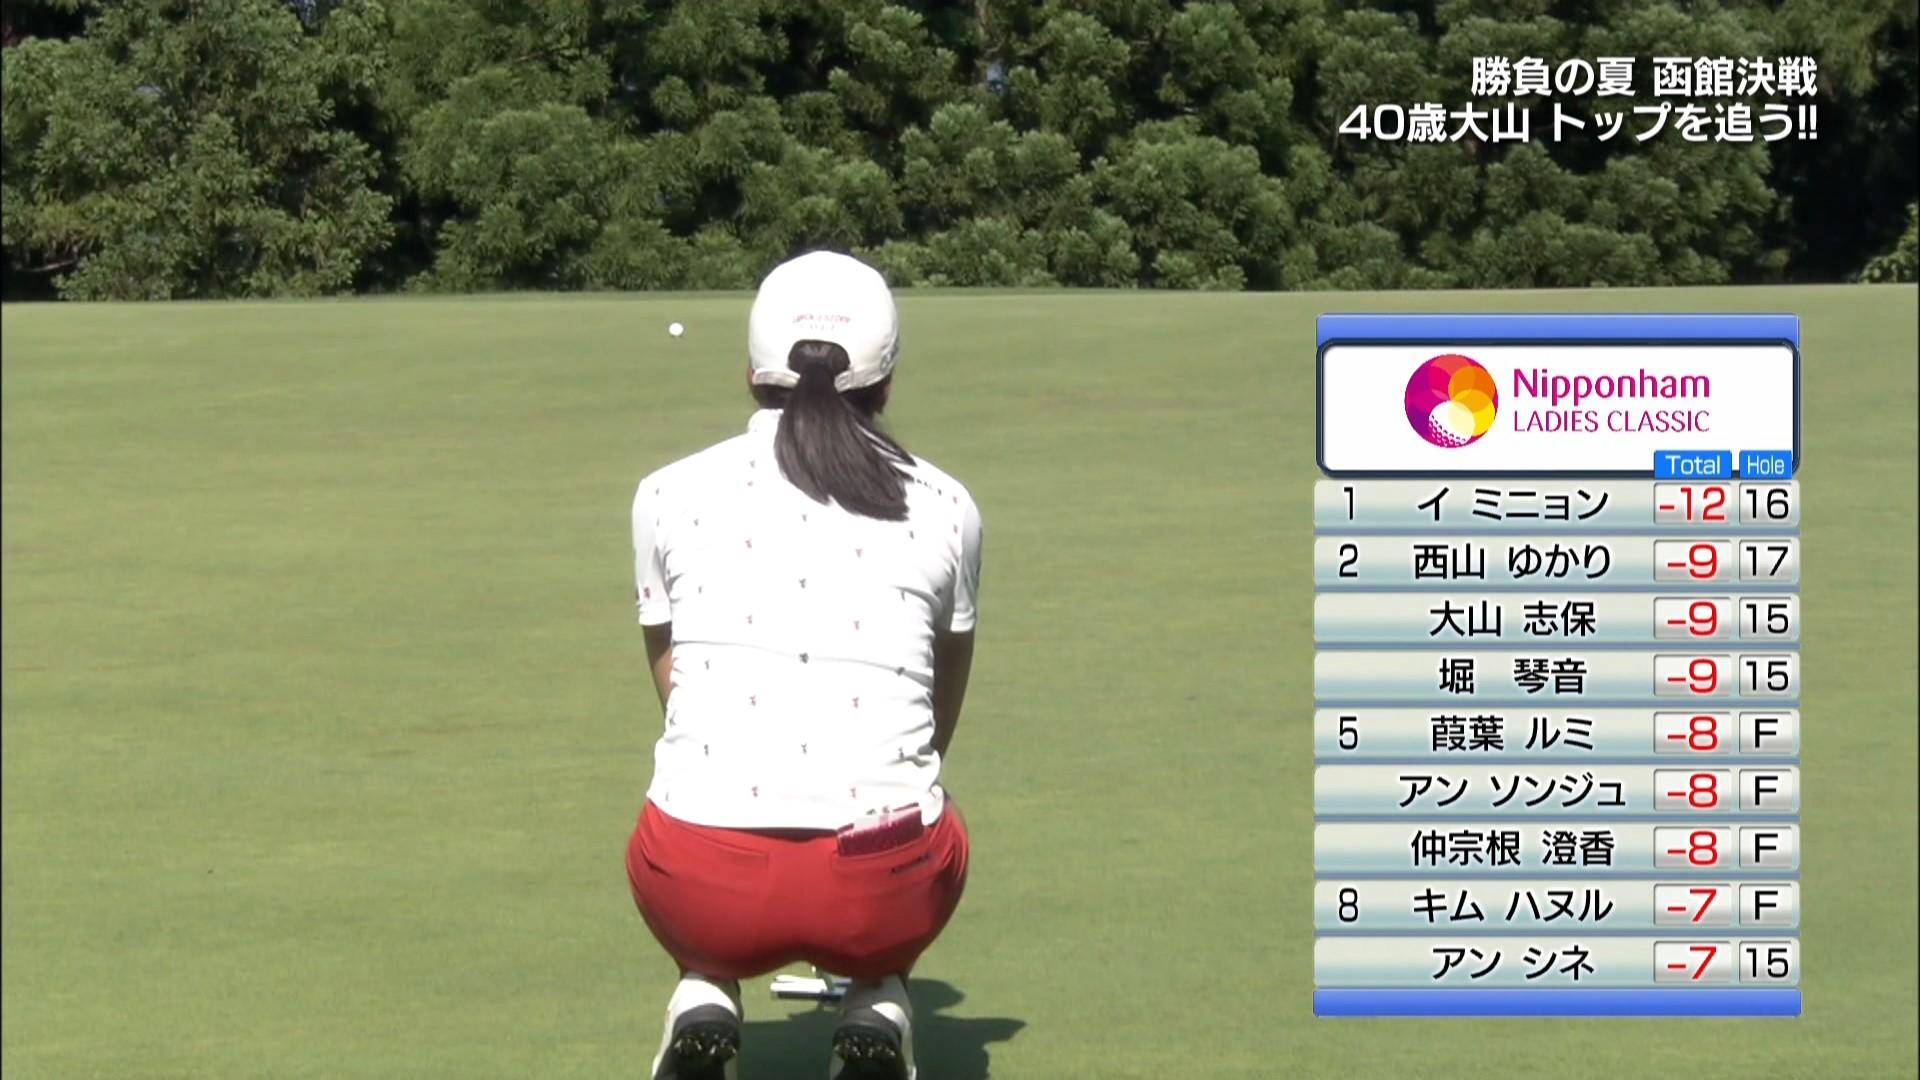 女子ゴルフ・アンシネ4